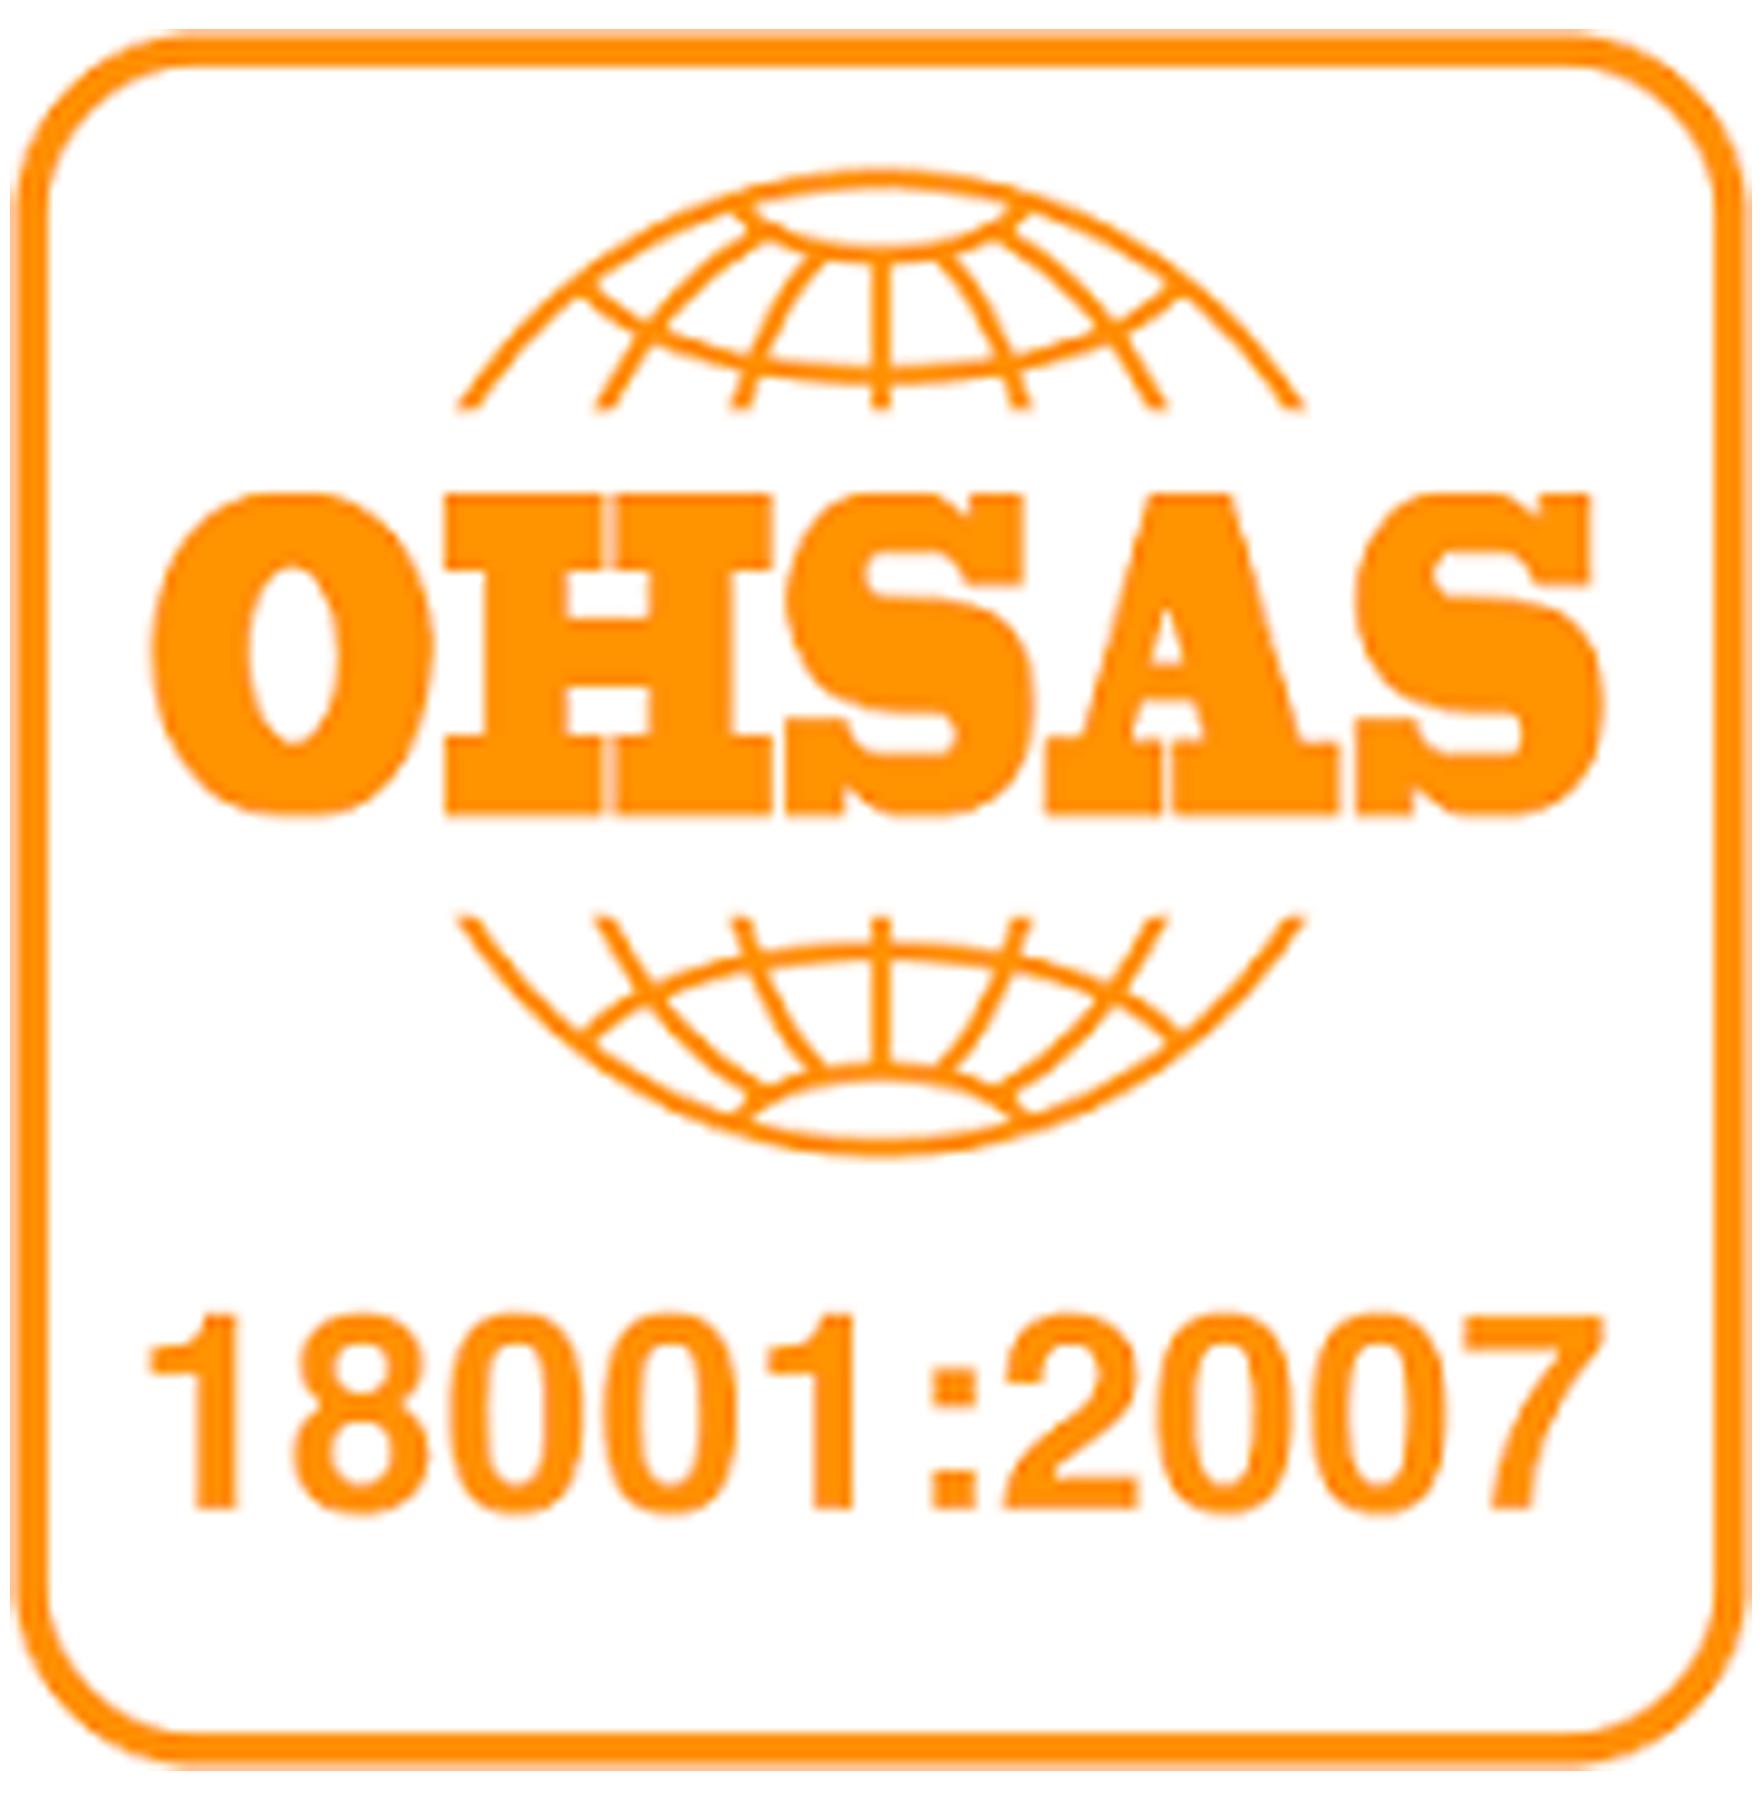 ohsas-18001-2007-1